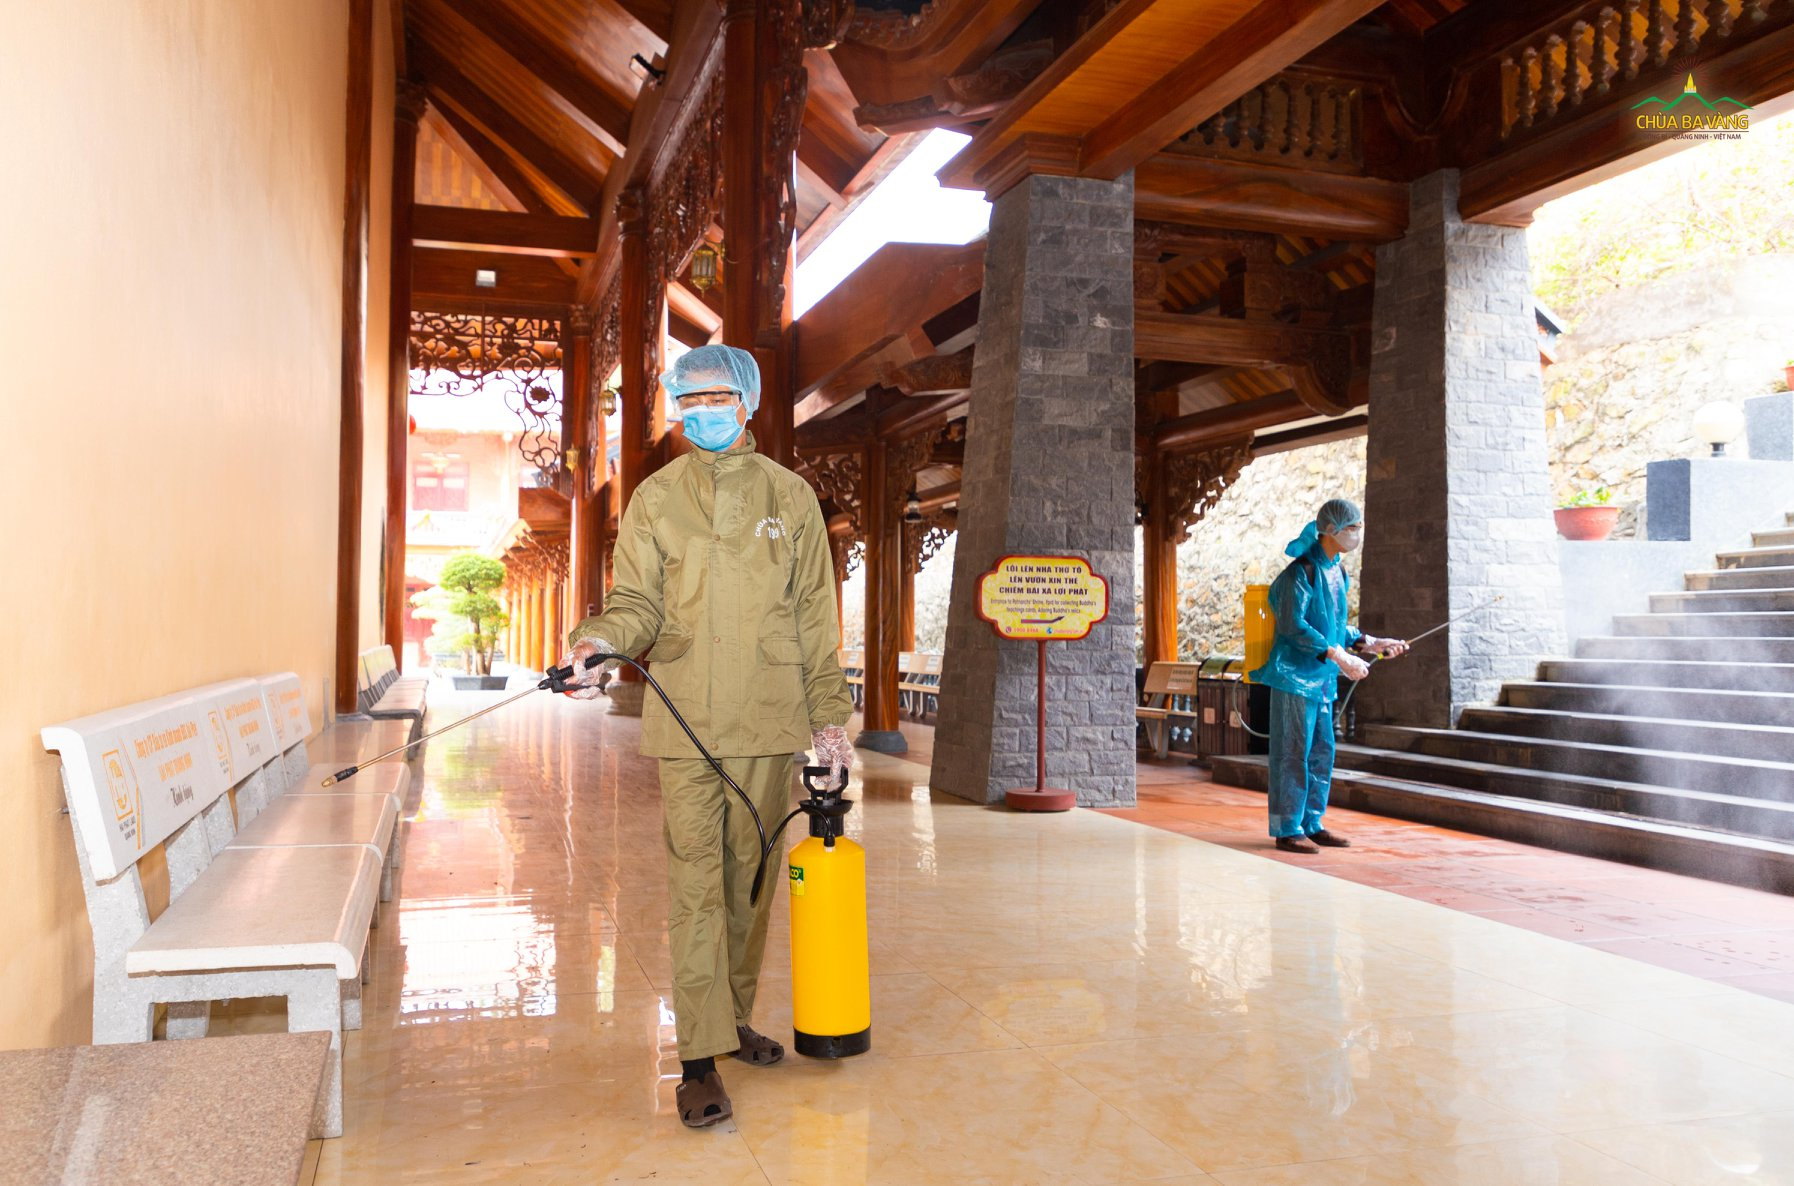 Phật tử chùa Ba Vàng vệ sinh và phun thuốc khử trùng xung quanh khuôn viên bổn tự